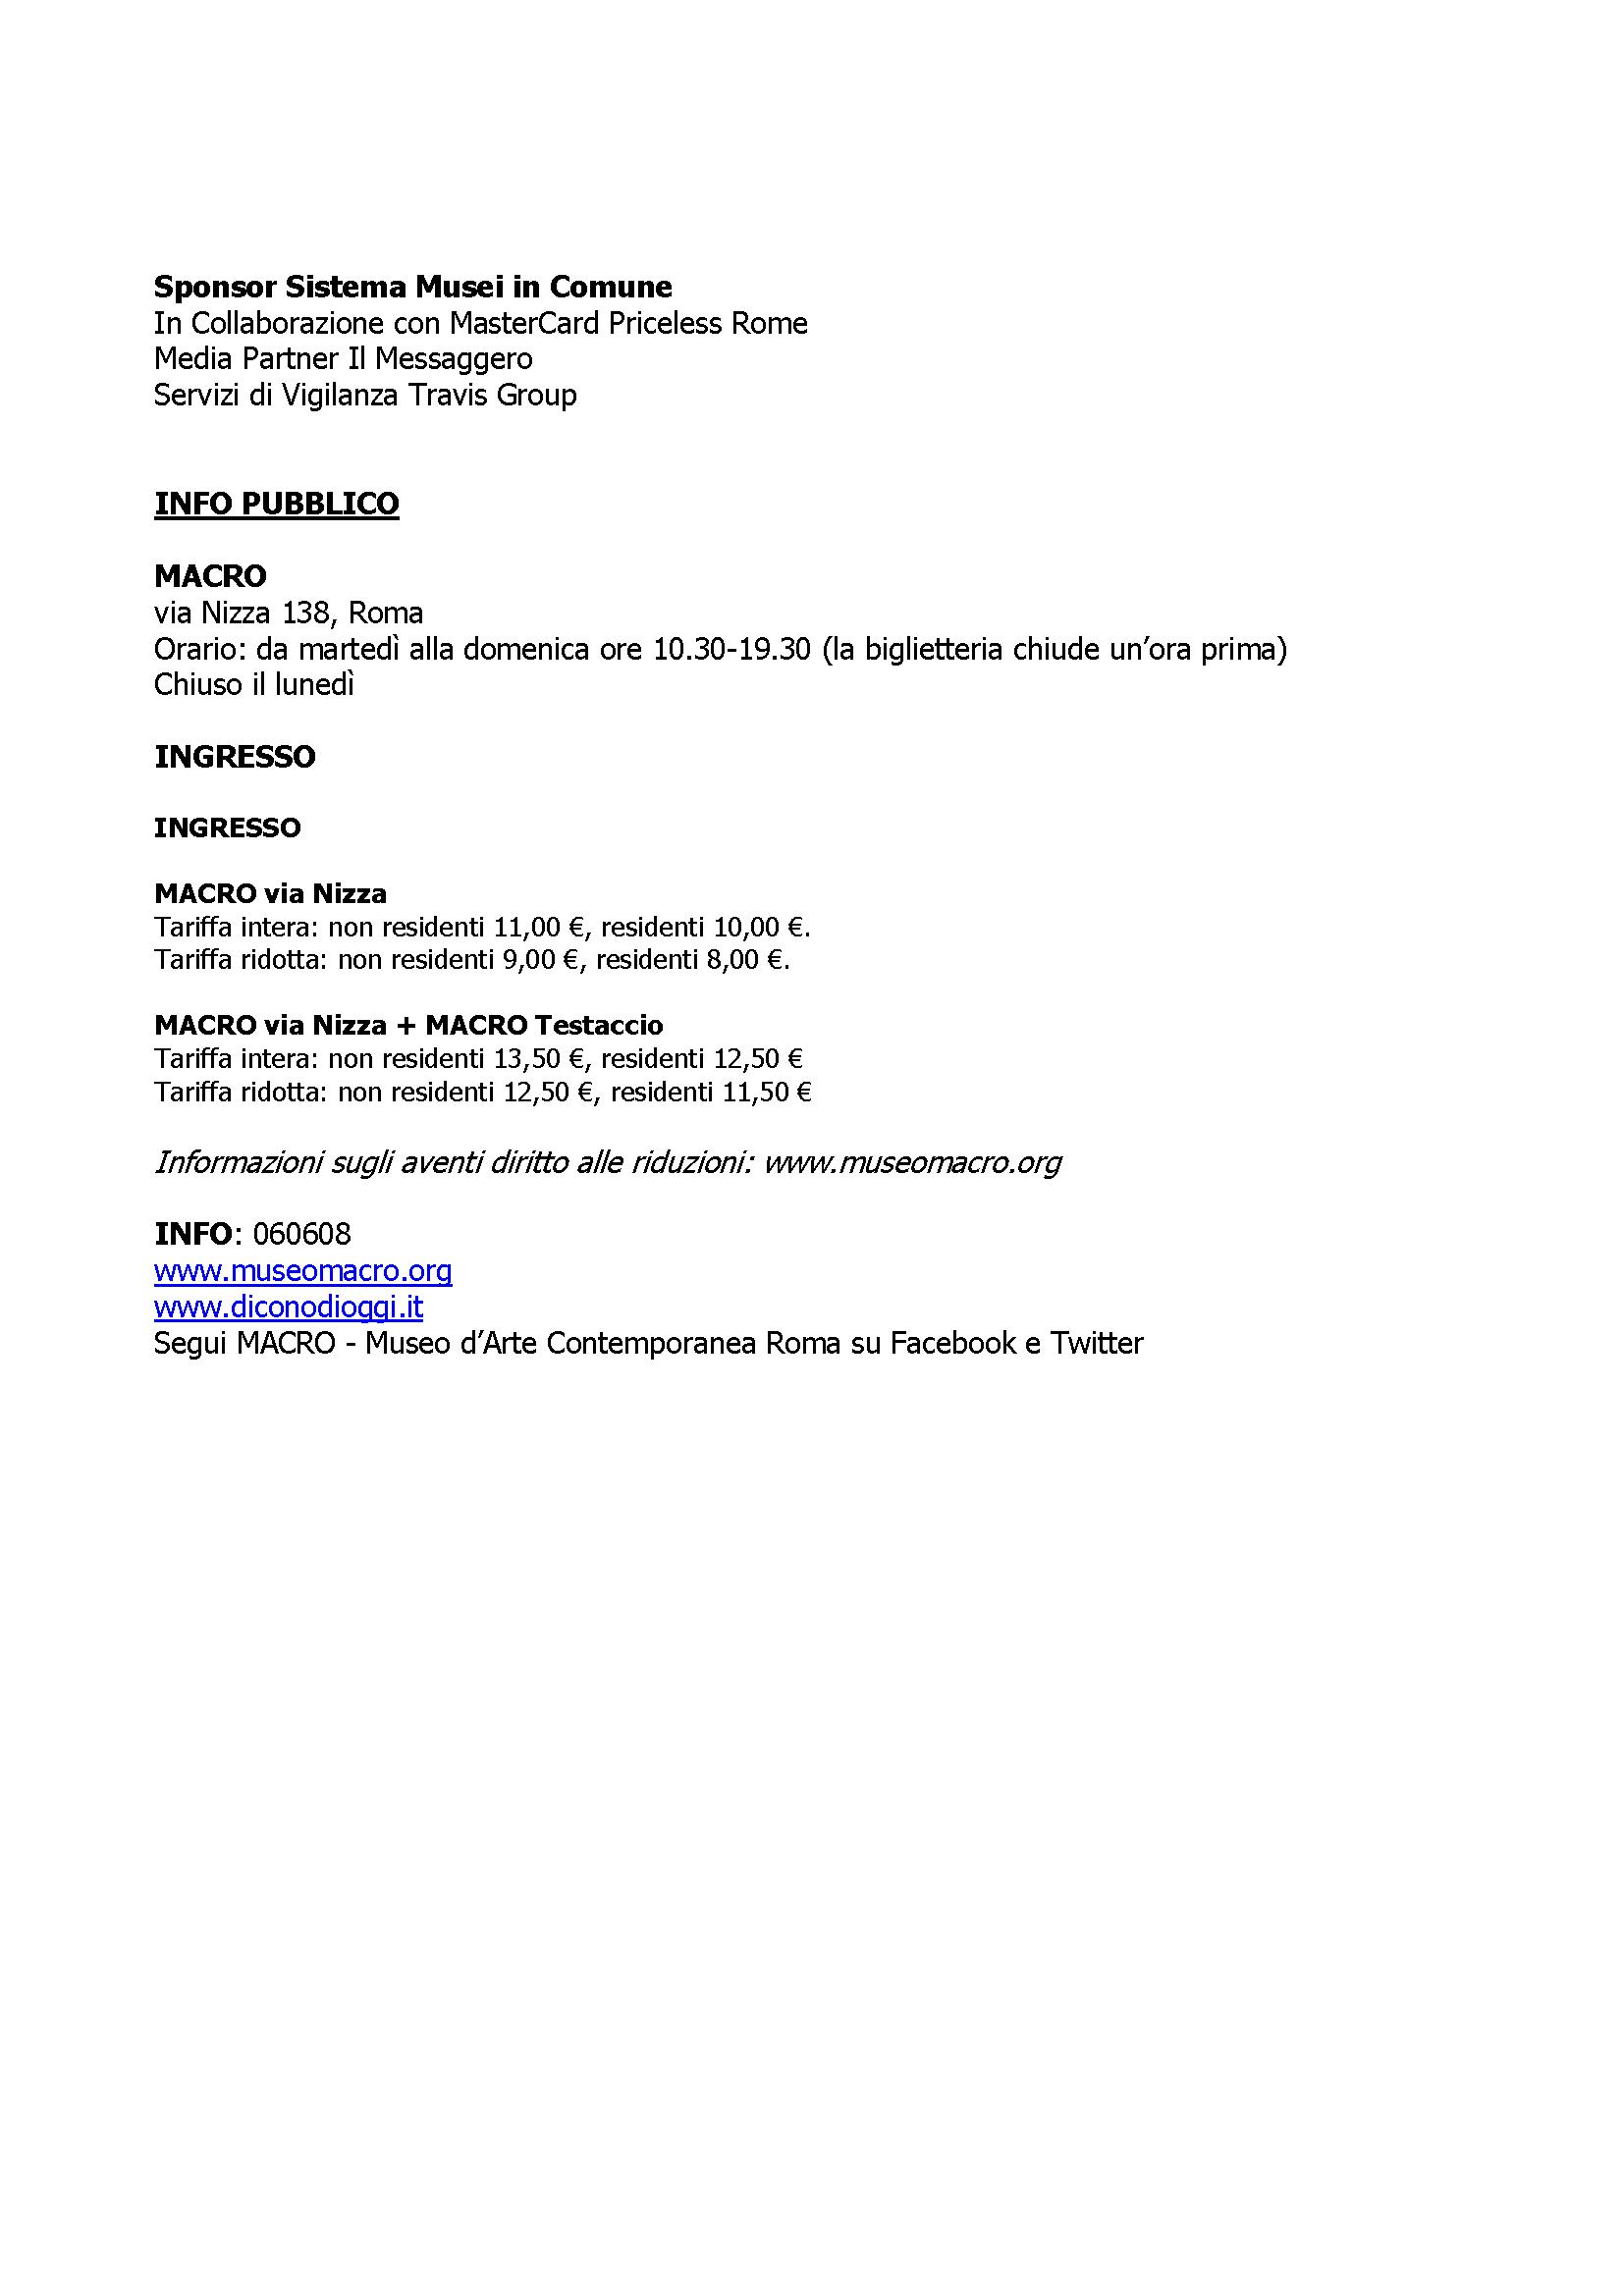 page 3 of 3 Press Release for exhibition 'Dall'oggi al domani. 24 ore nell'arte contemporanea' at  MACRO Via Nizza, 01 May - 02 October 2016 © Cultural Documents